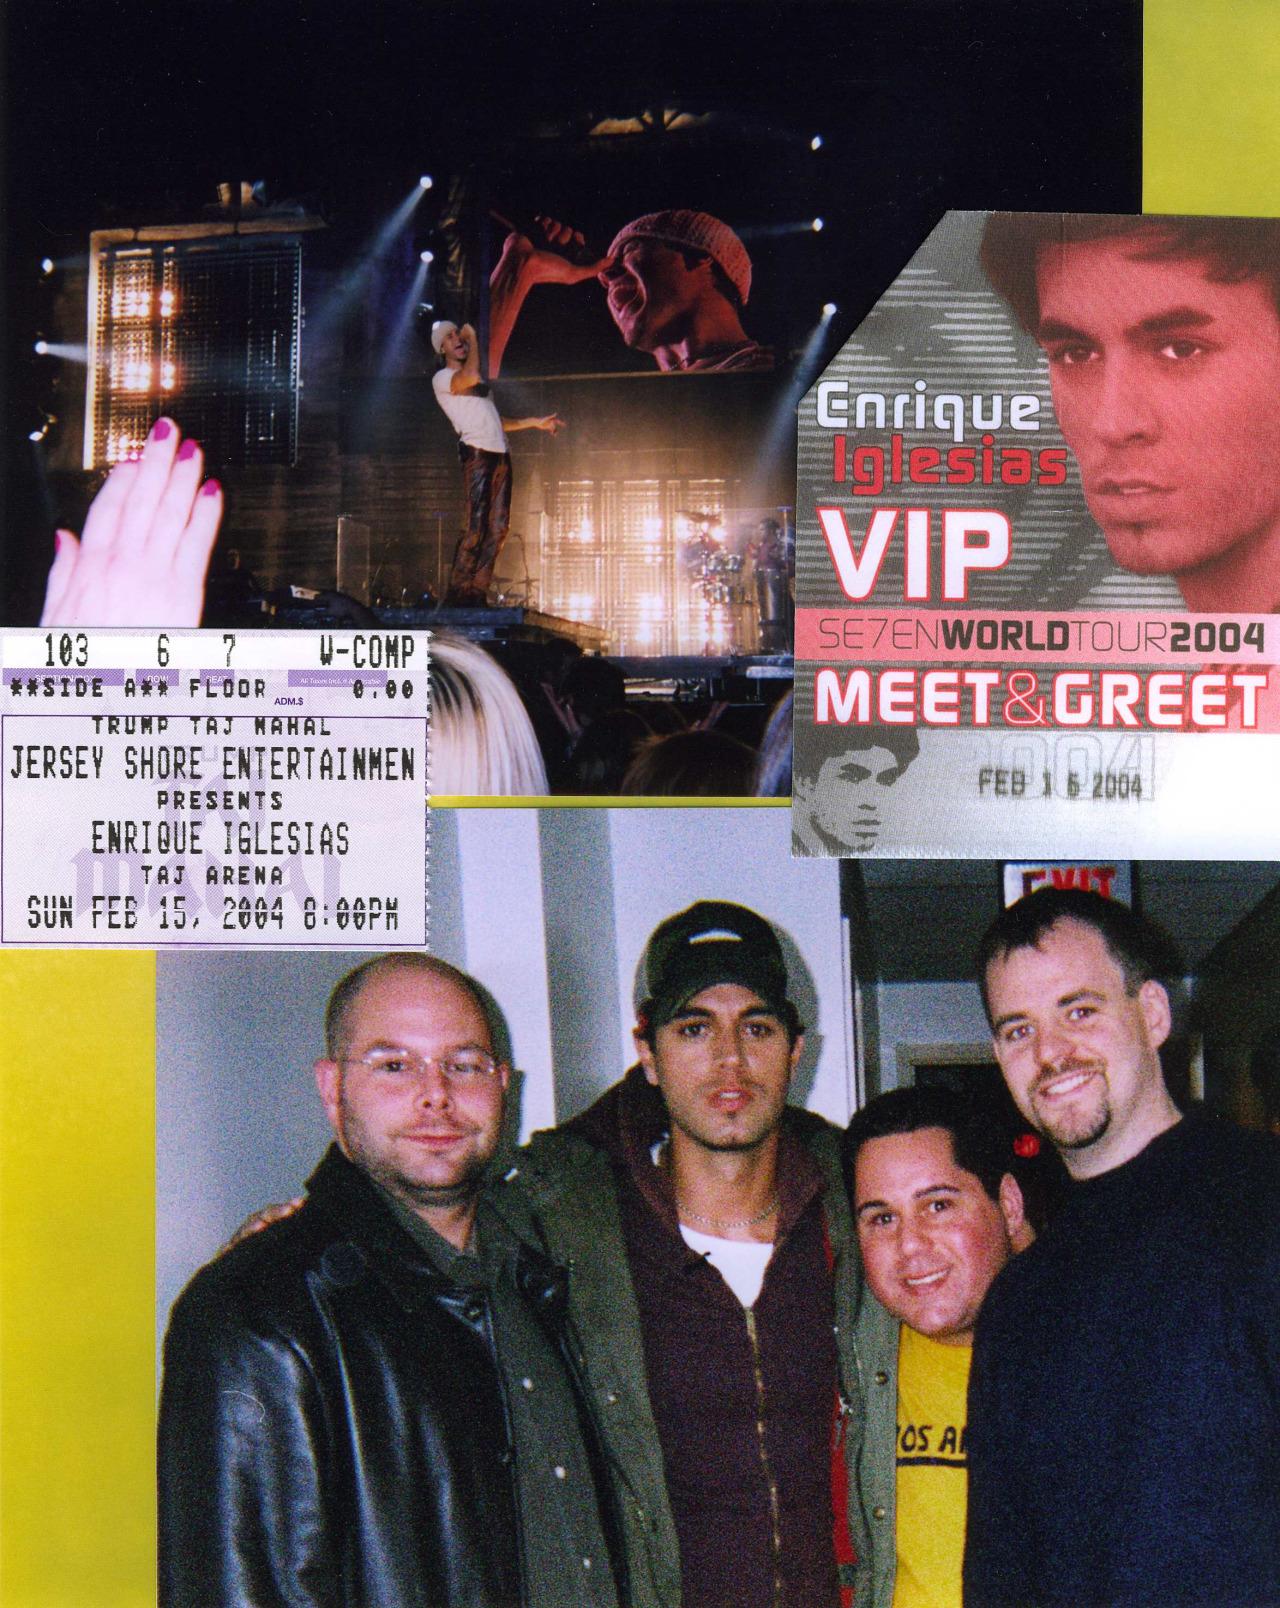 Enrique Iglesias and Geno